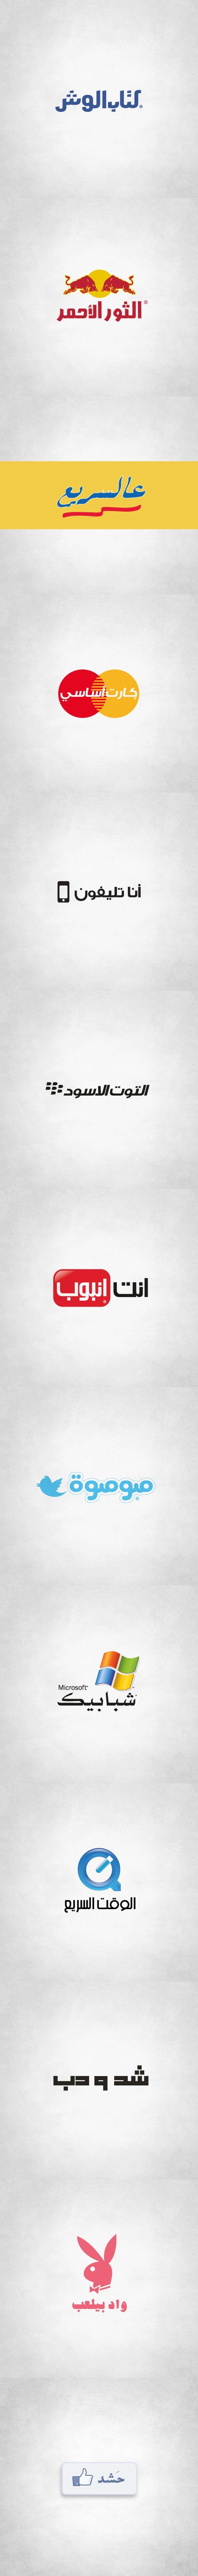 Famosas marcas escritas en árabe egipcio Mira esta serie de logotipos famosos adaptados a la escritura árabe egipcia.